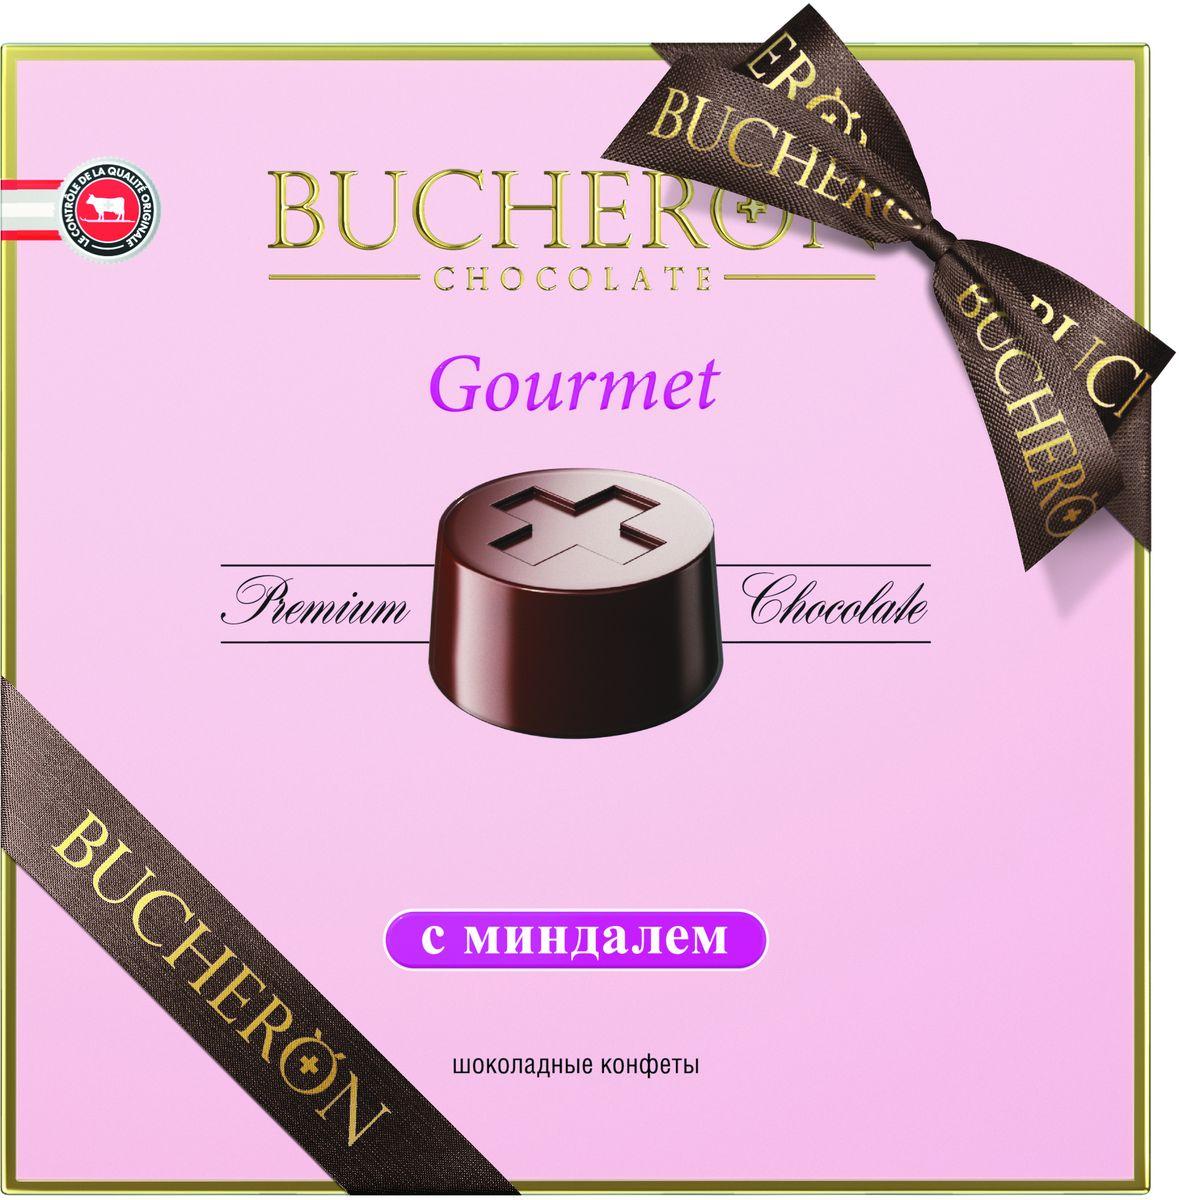 Bucheron Gourmet конфеты с миндалем, 180 г arla natura молоко безлактозное ультрапастеризованное 1 5